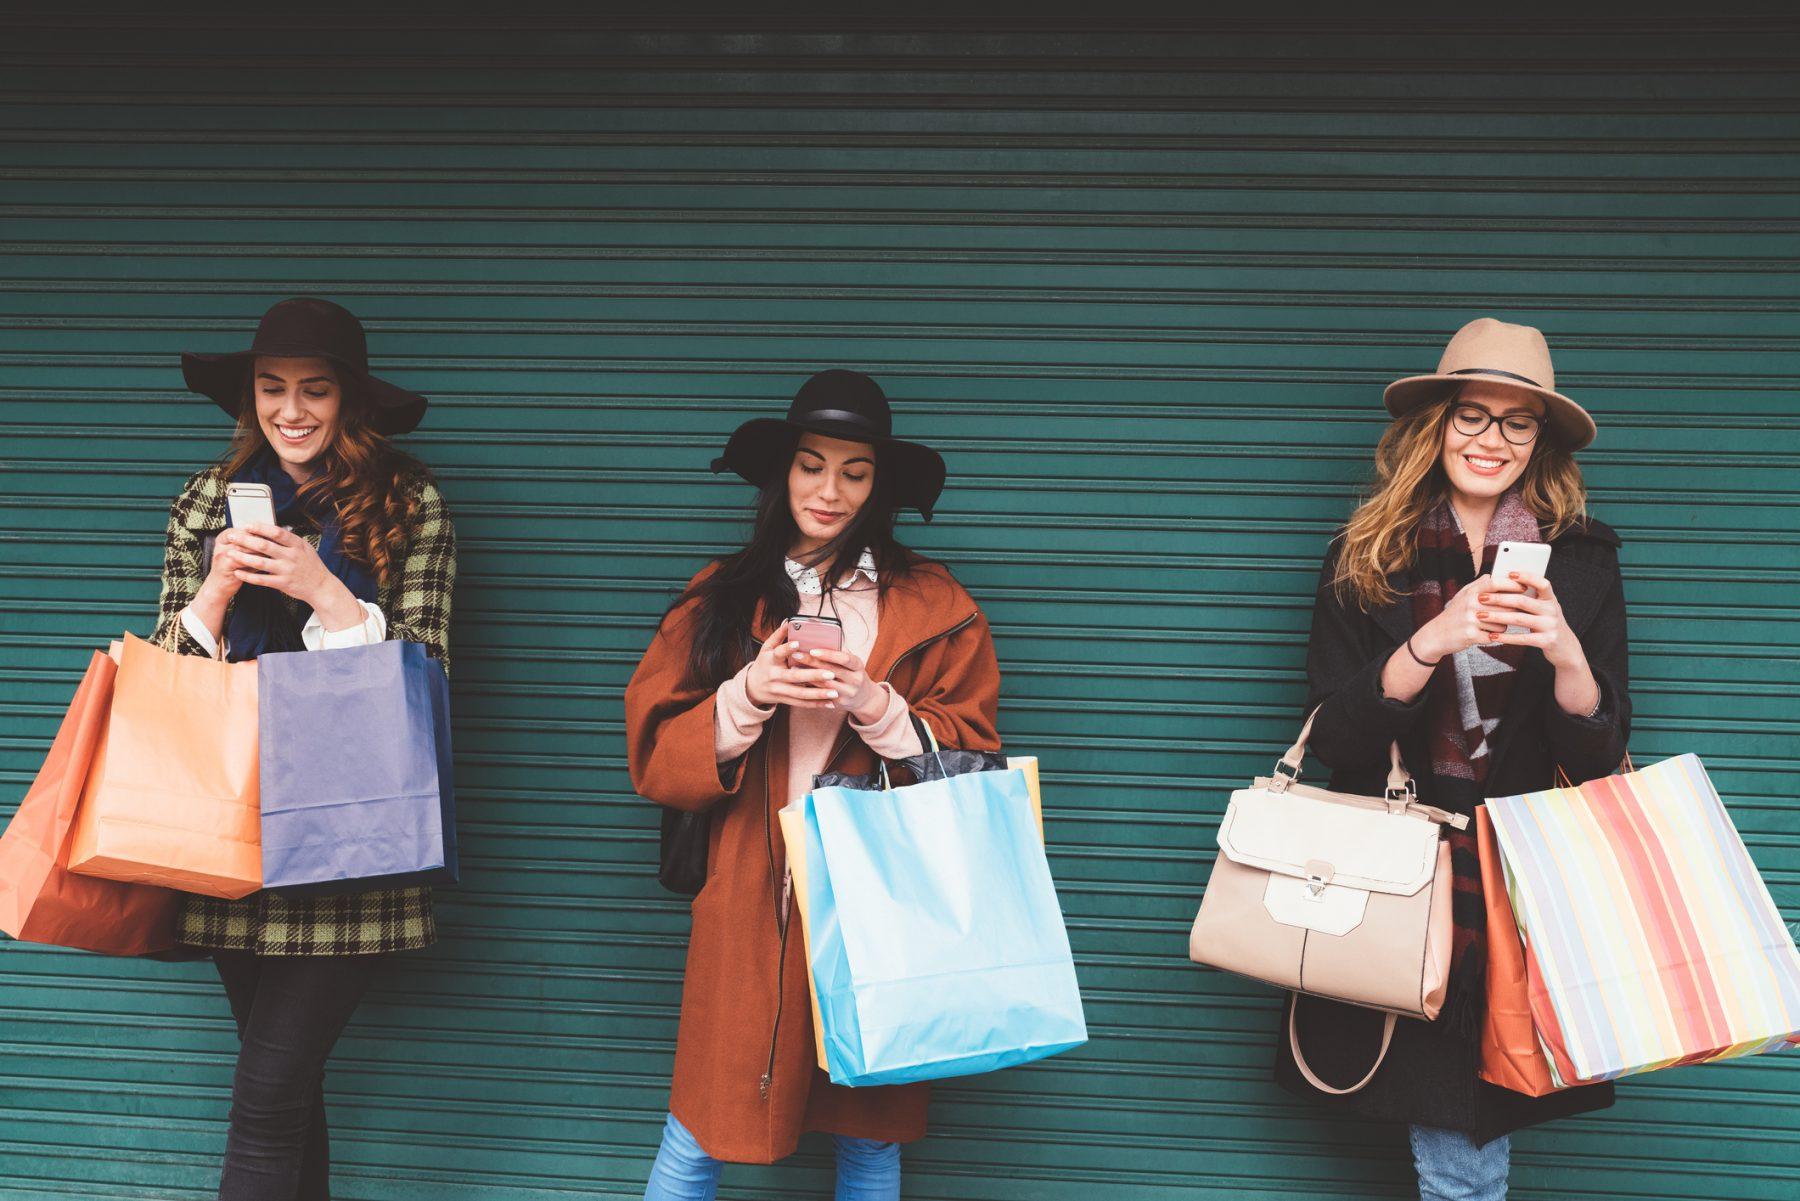 Hoe meer zielen, hoe meer... korting: de mooiste merken voor de laagste prijs